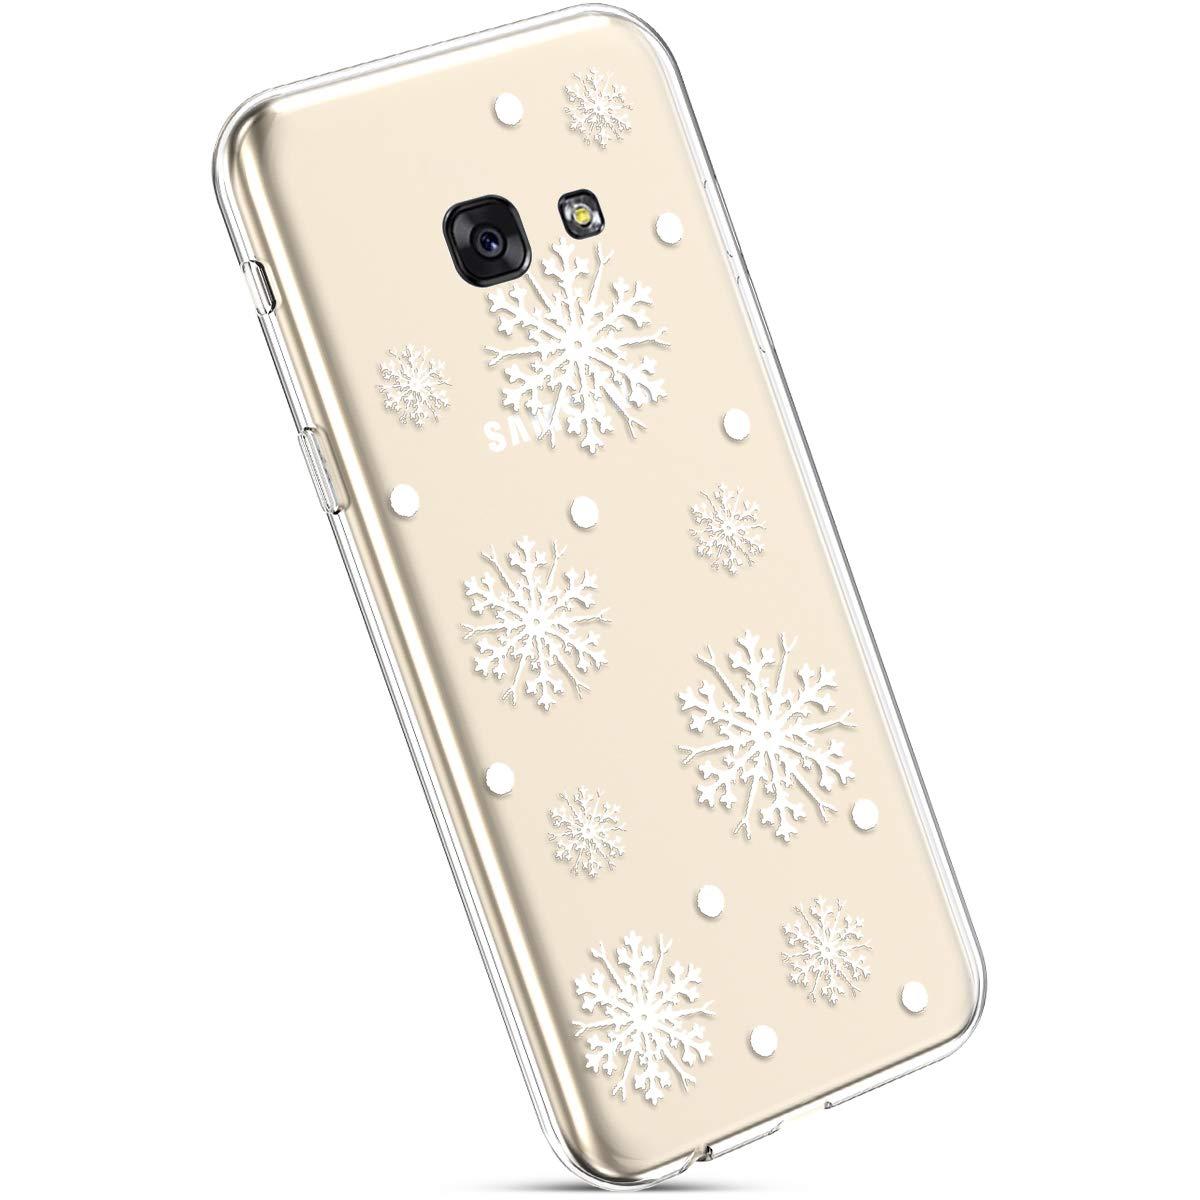 YSIMEE Custodia Samsung Galaxy A3 2017, Xmas Decorazioni Natalizie Custodie Gel Trasparente Silicone Morbida Ultra Sottile Chiaro TPU Antiurto Gomma Cover per Samsung A3 2017-Mucchio di neve